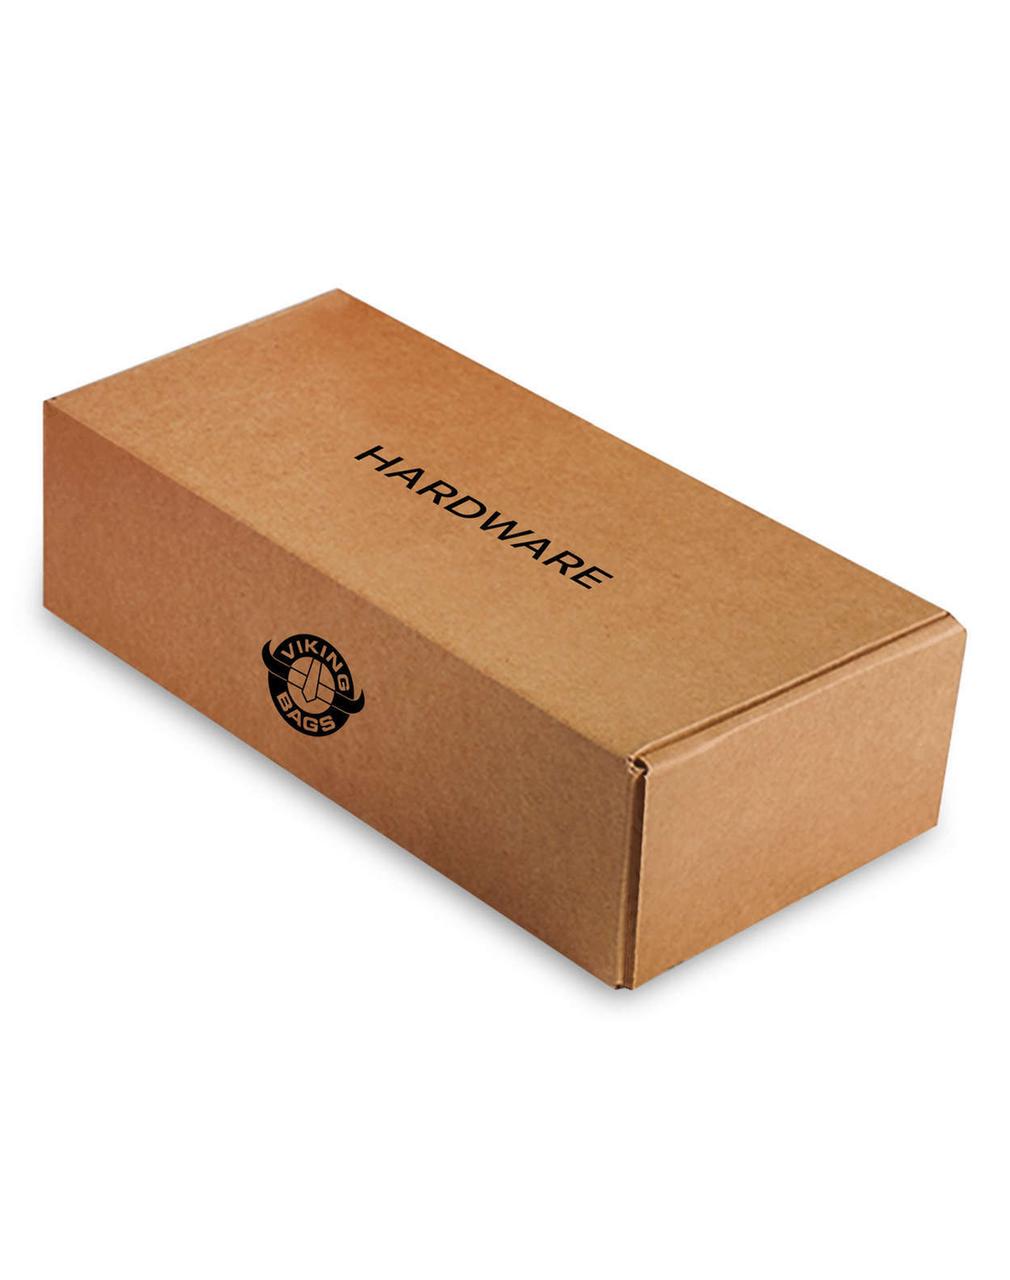 Victory Judge Medium Slanted Motorcycle Saddlebags Hardware Box